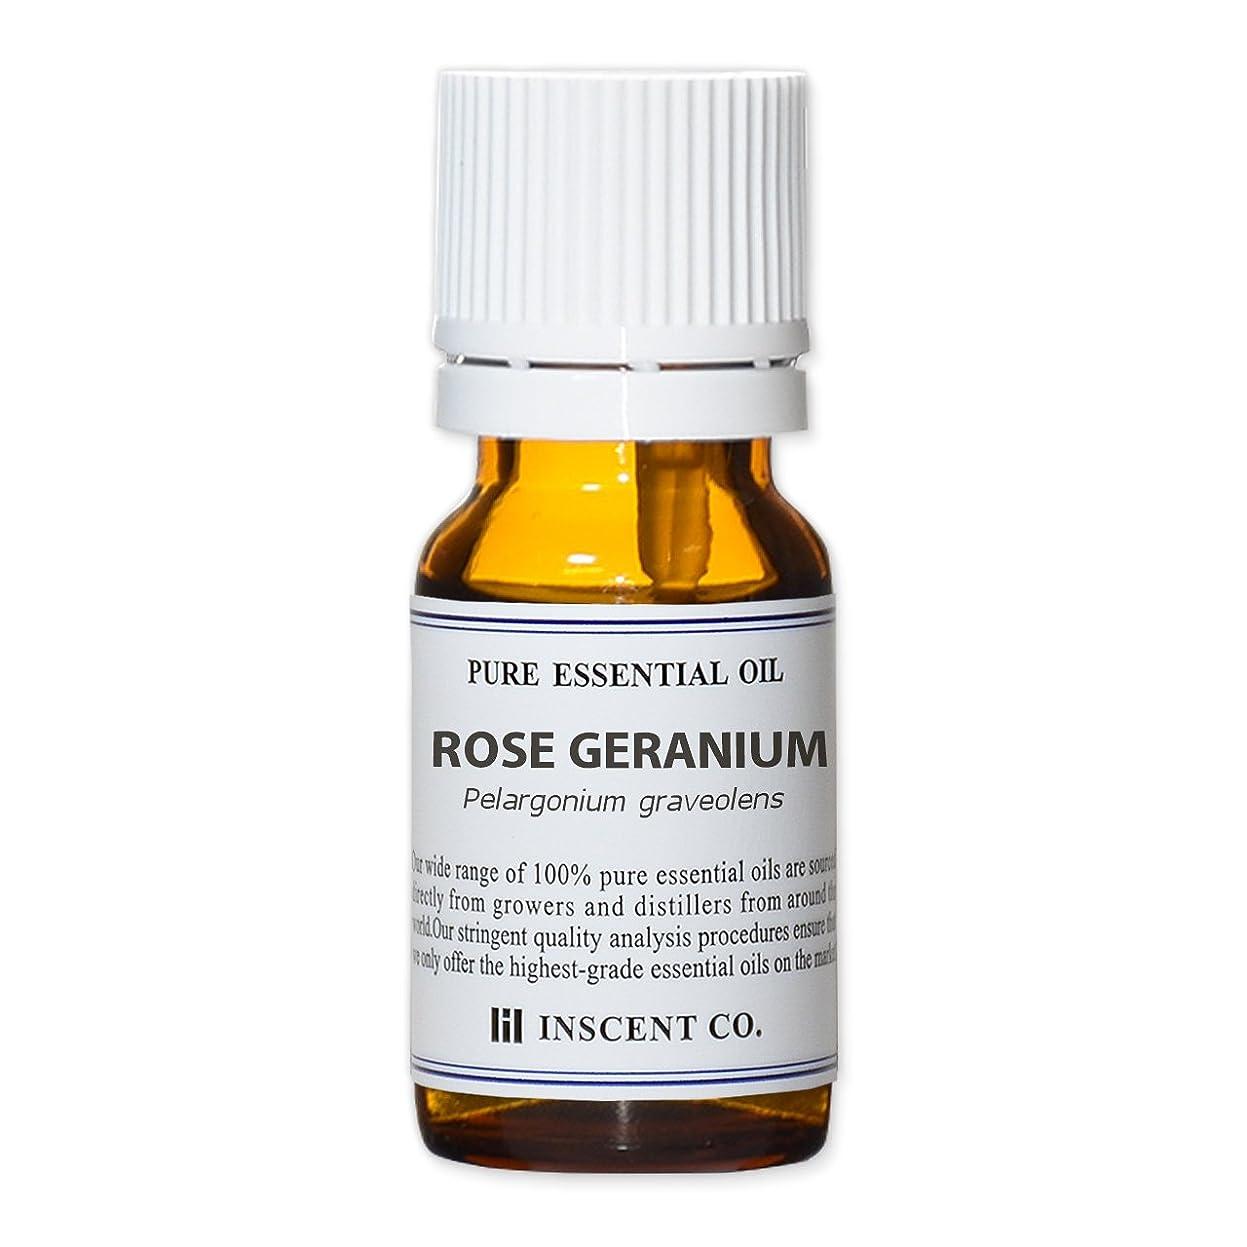 床を掃除するくつろぐ神経衰弱ローズゼラニウム 10ml インセント アロマオイル AEAJ 表示基準適合認定精油